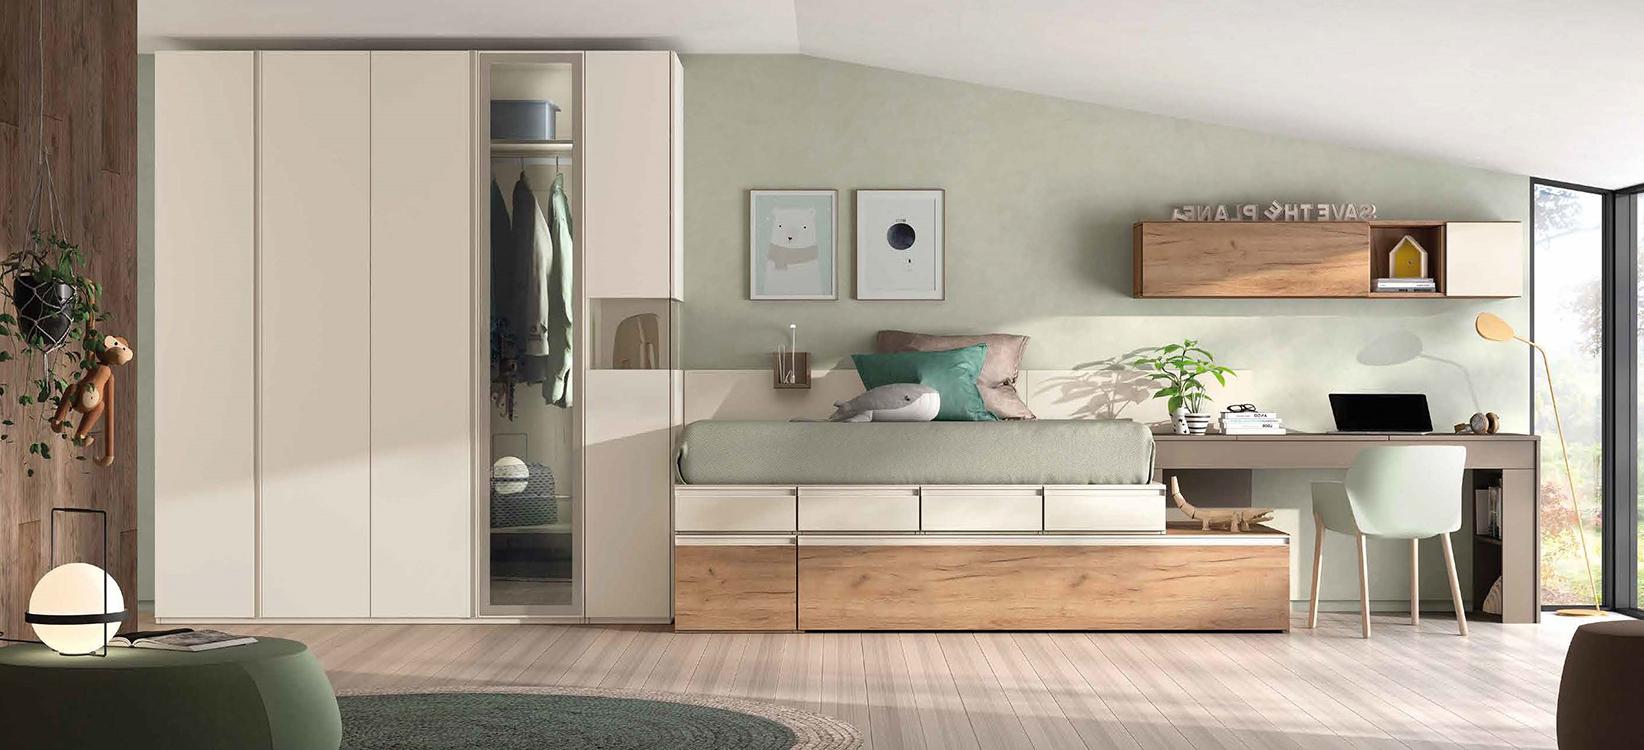 Habitaciones juveniles dise o - Diseno habitaciones juveniles ...